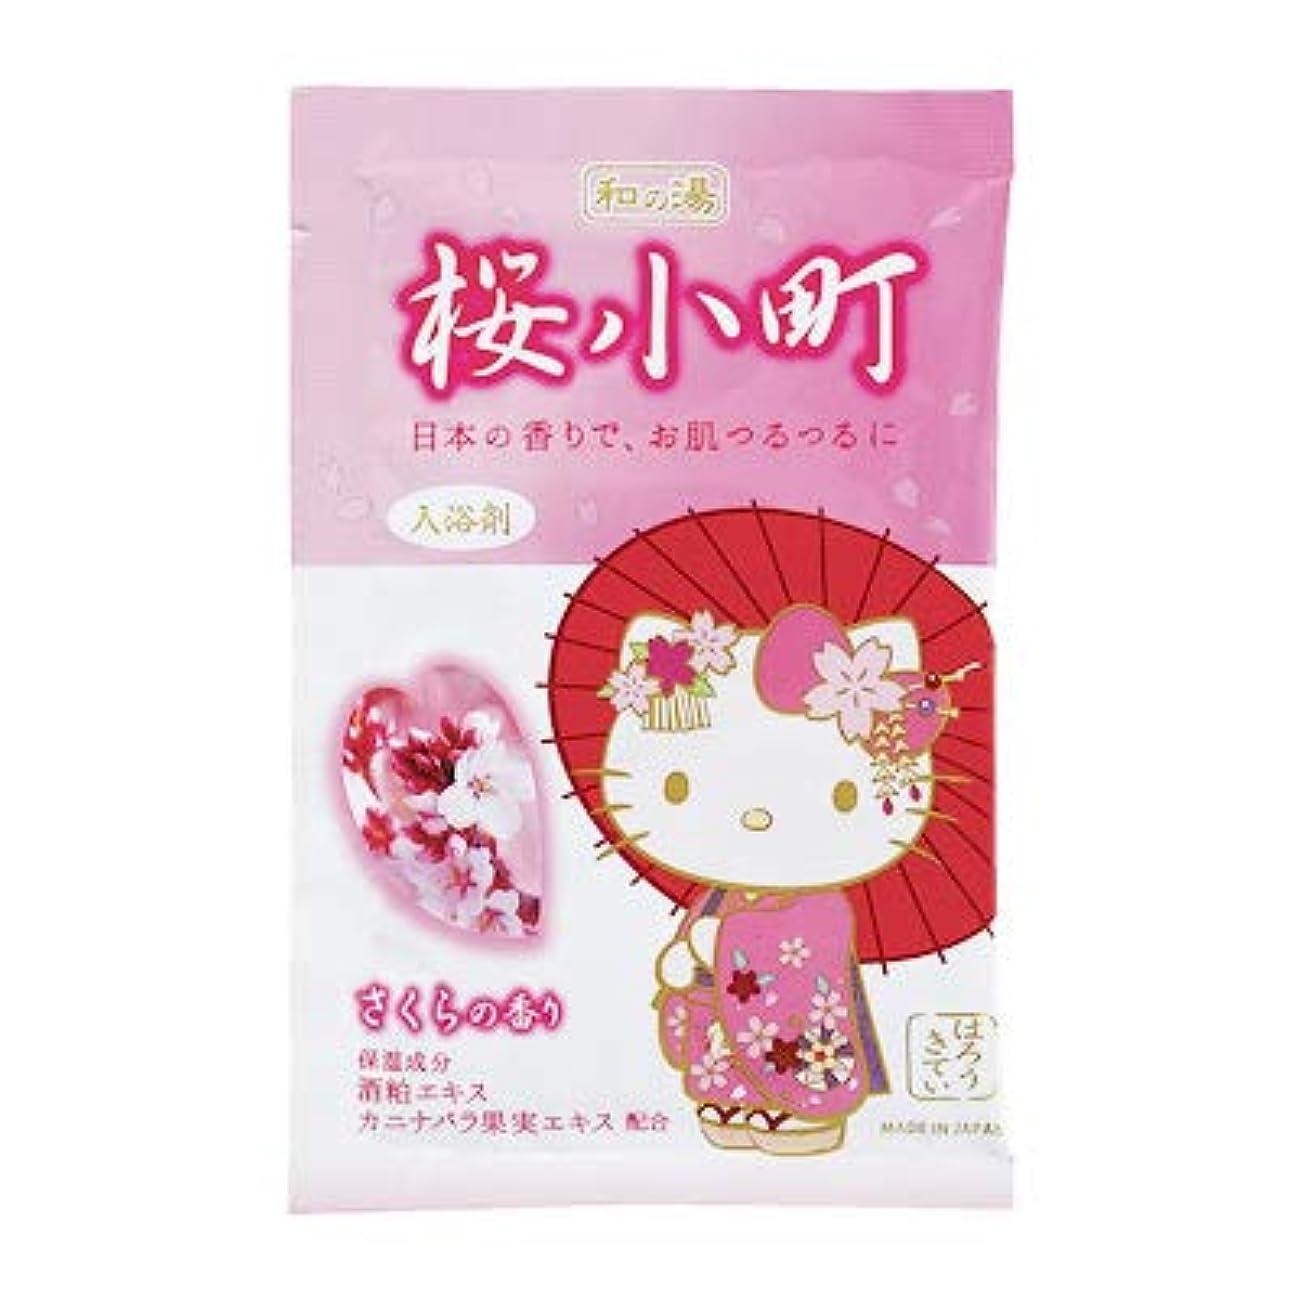 【まとめ買い6個セット】 ハローキティ 桜小町